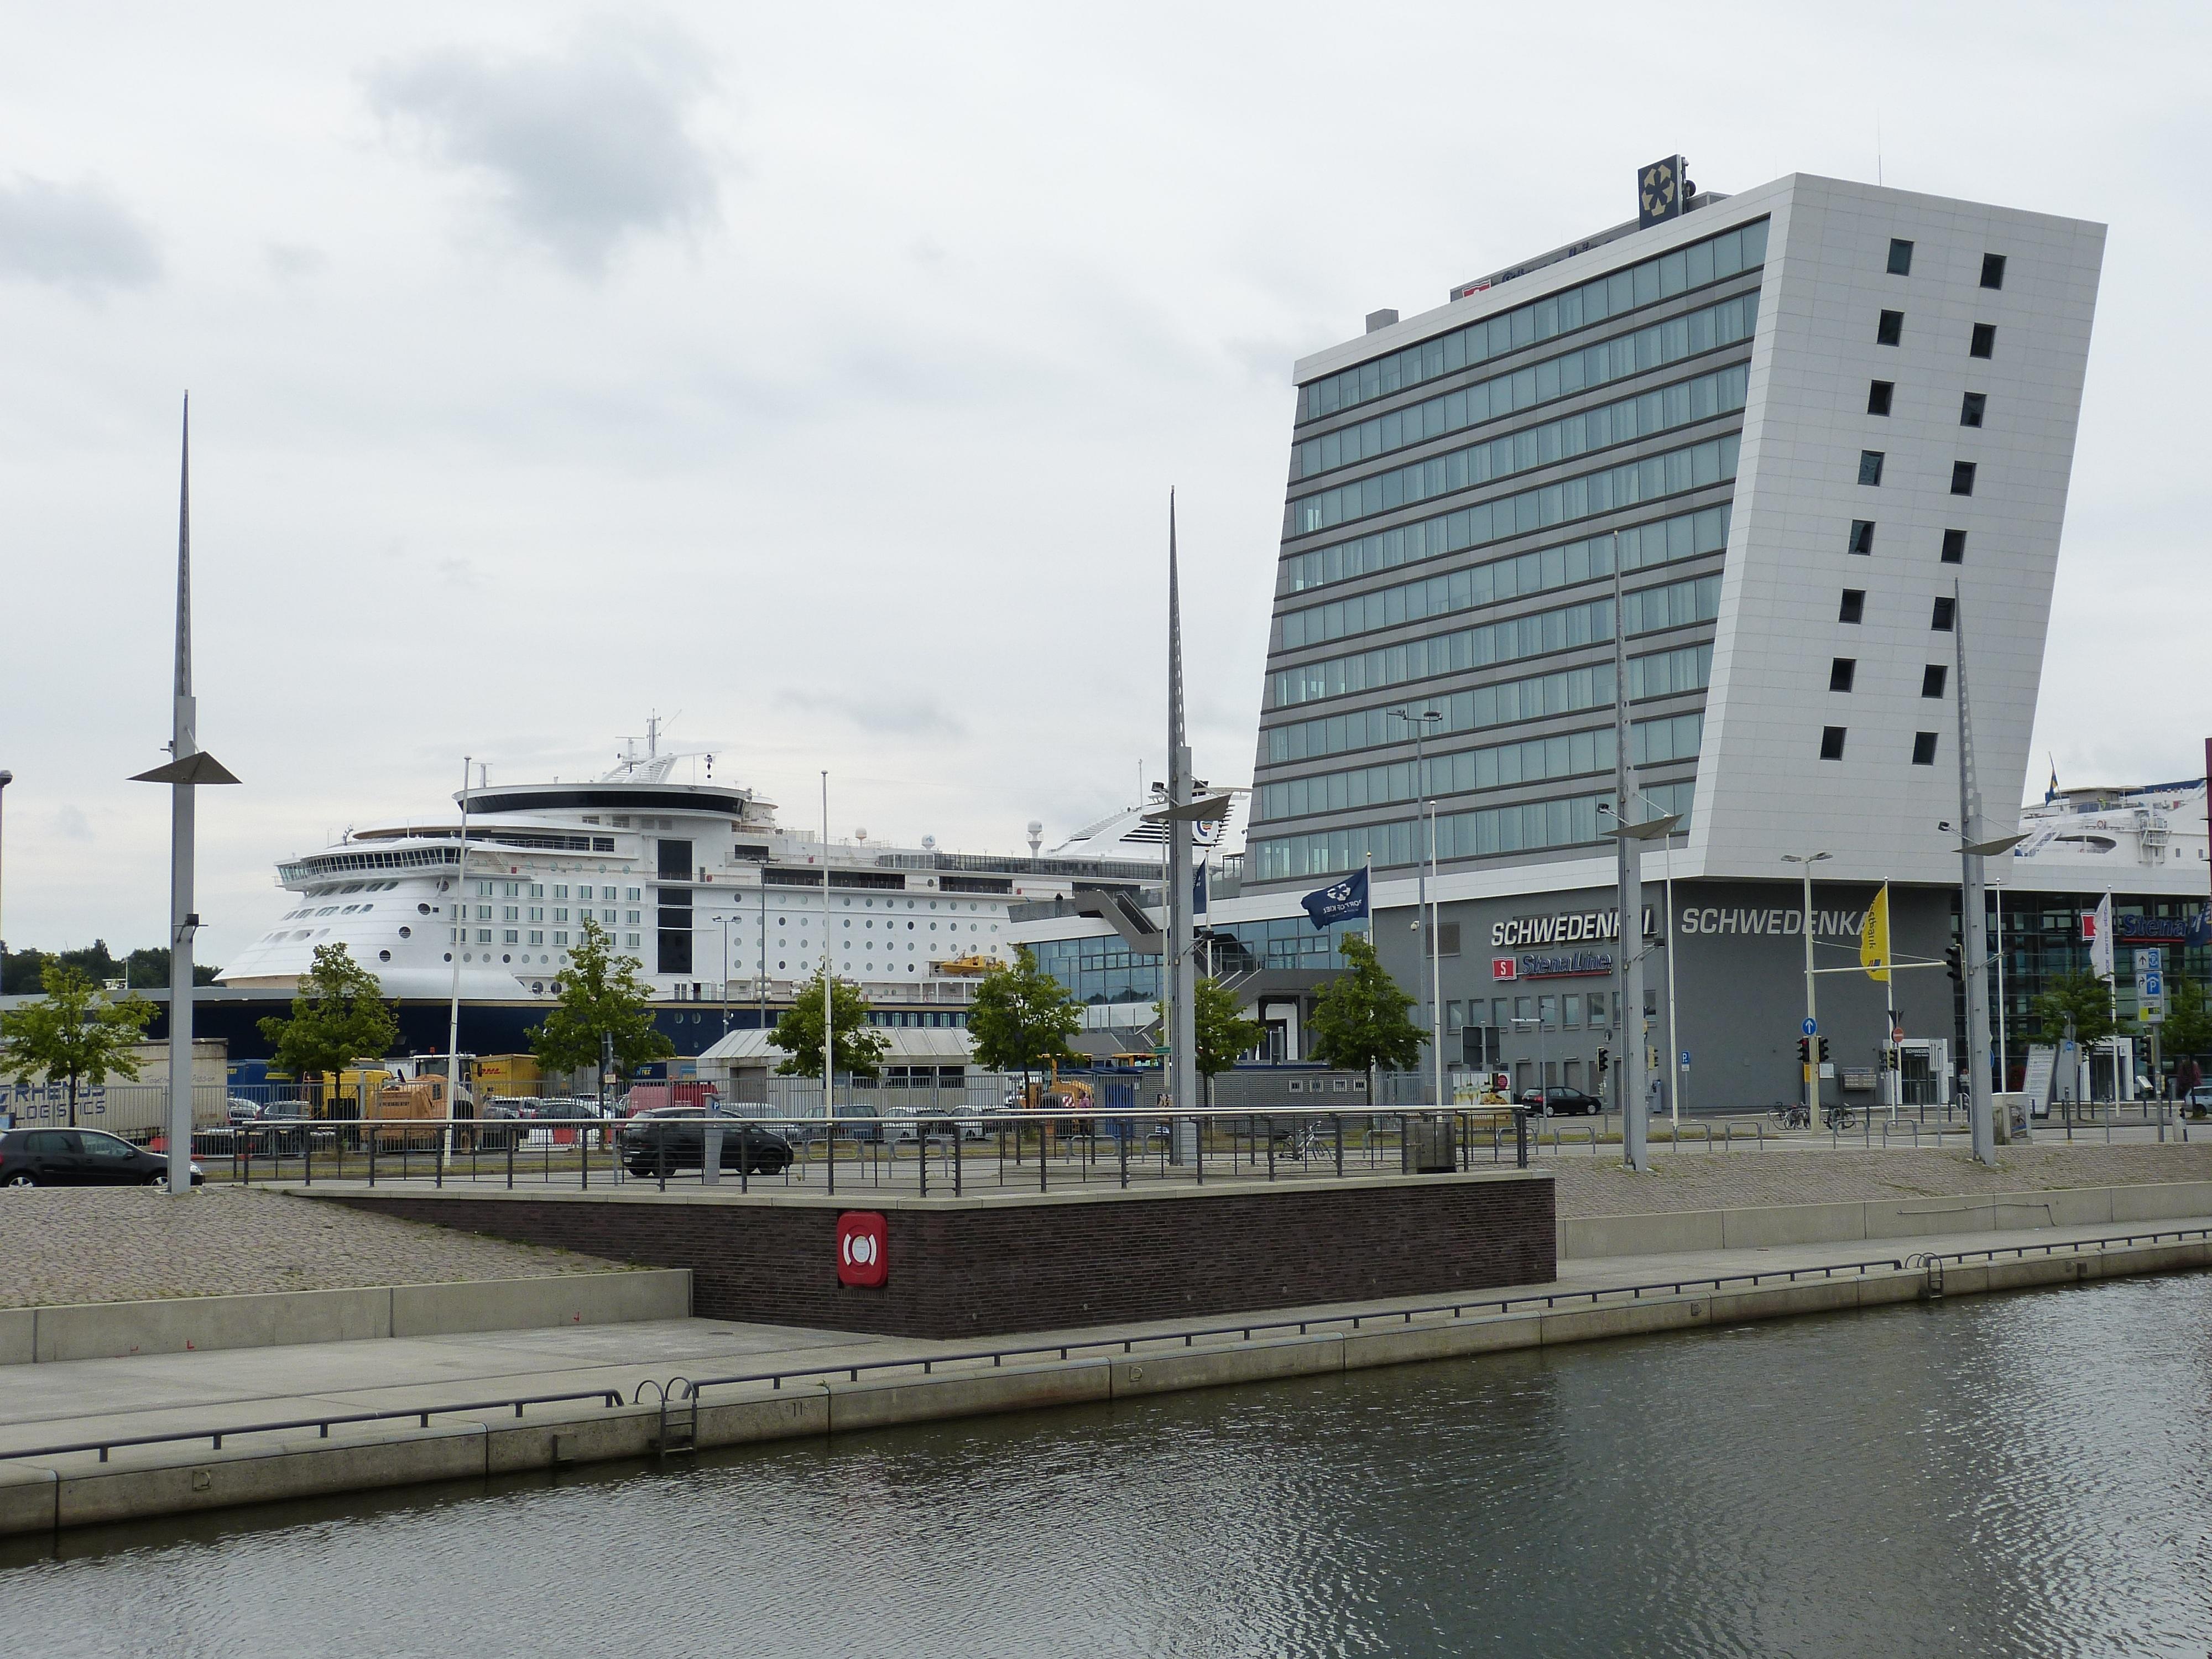 Kiel Architektur kostenlose foto dock die architektur schiff innenstadt